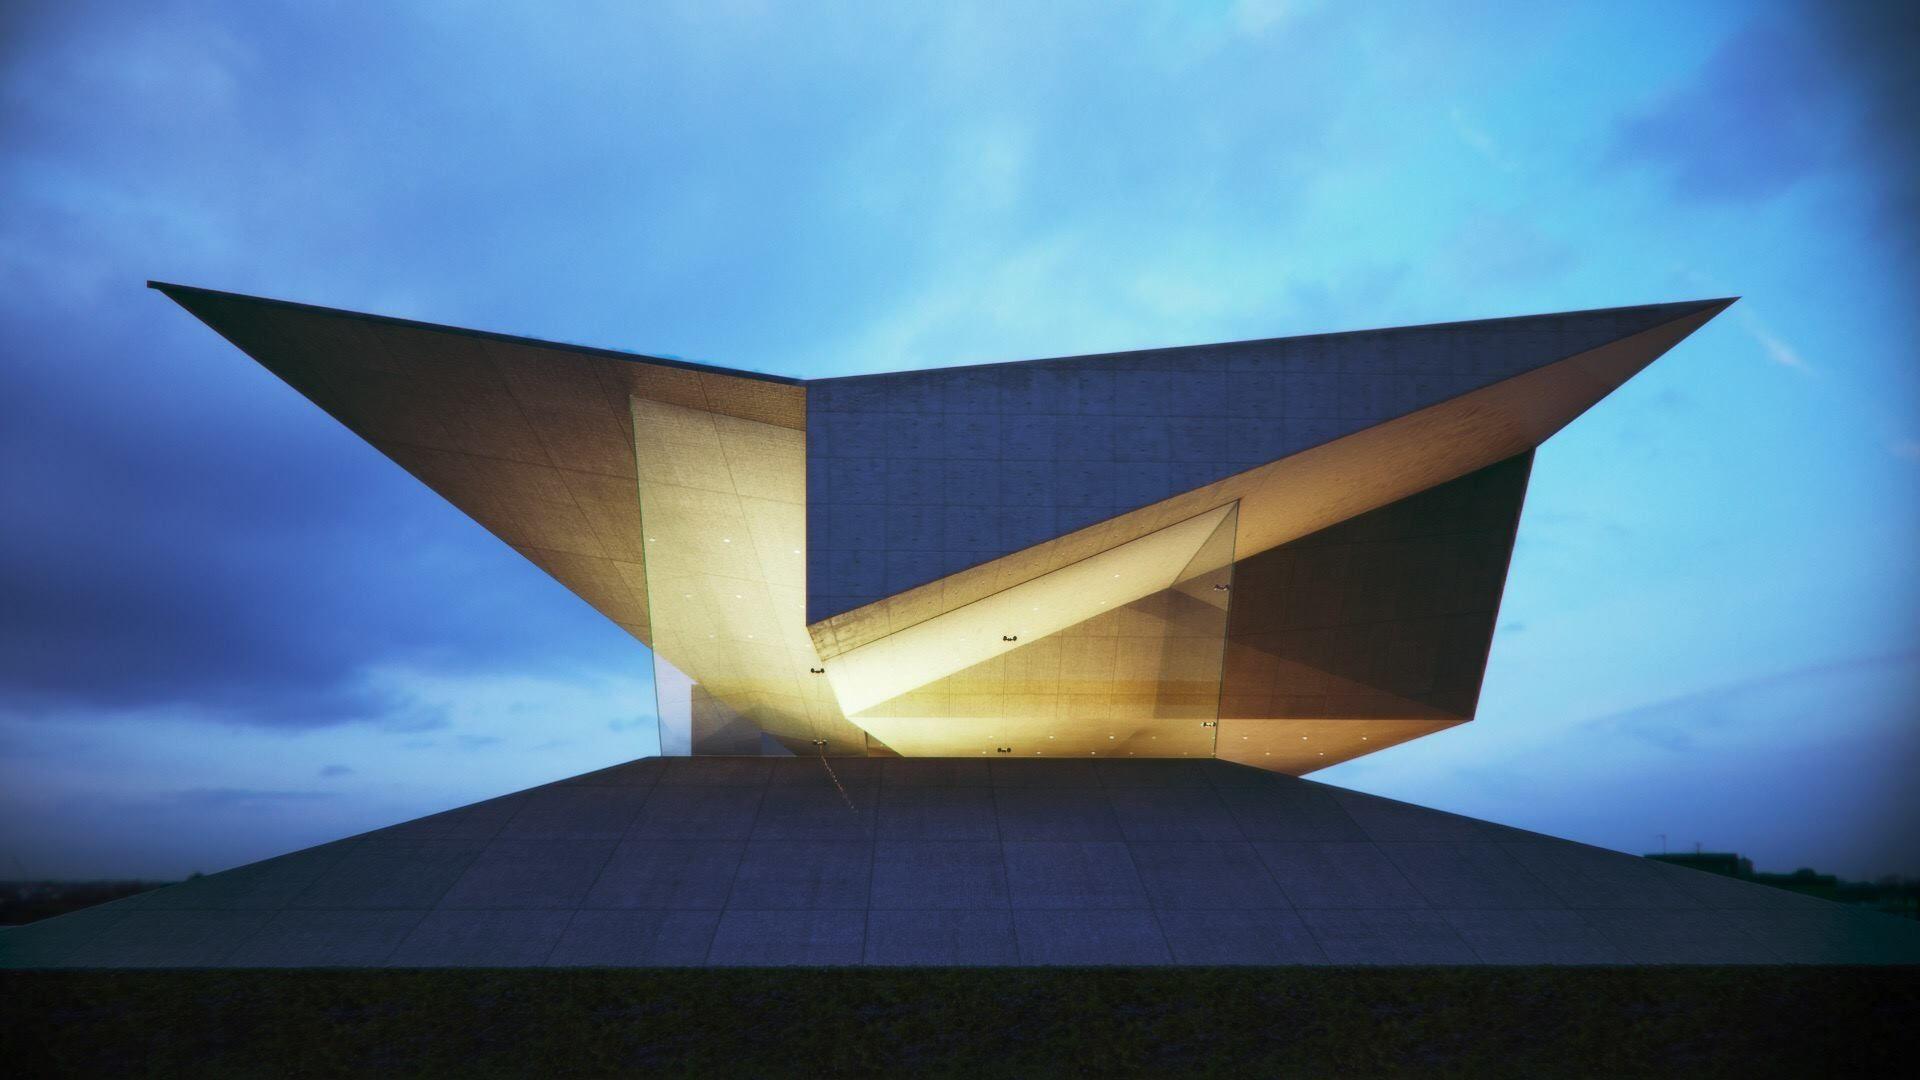 Modern architecture | futuristic shape | www.bocadolobo.com ...